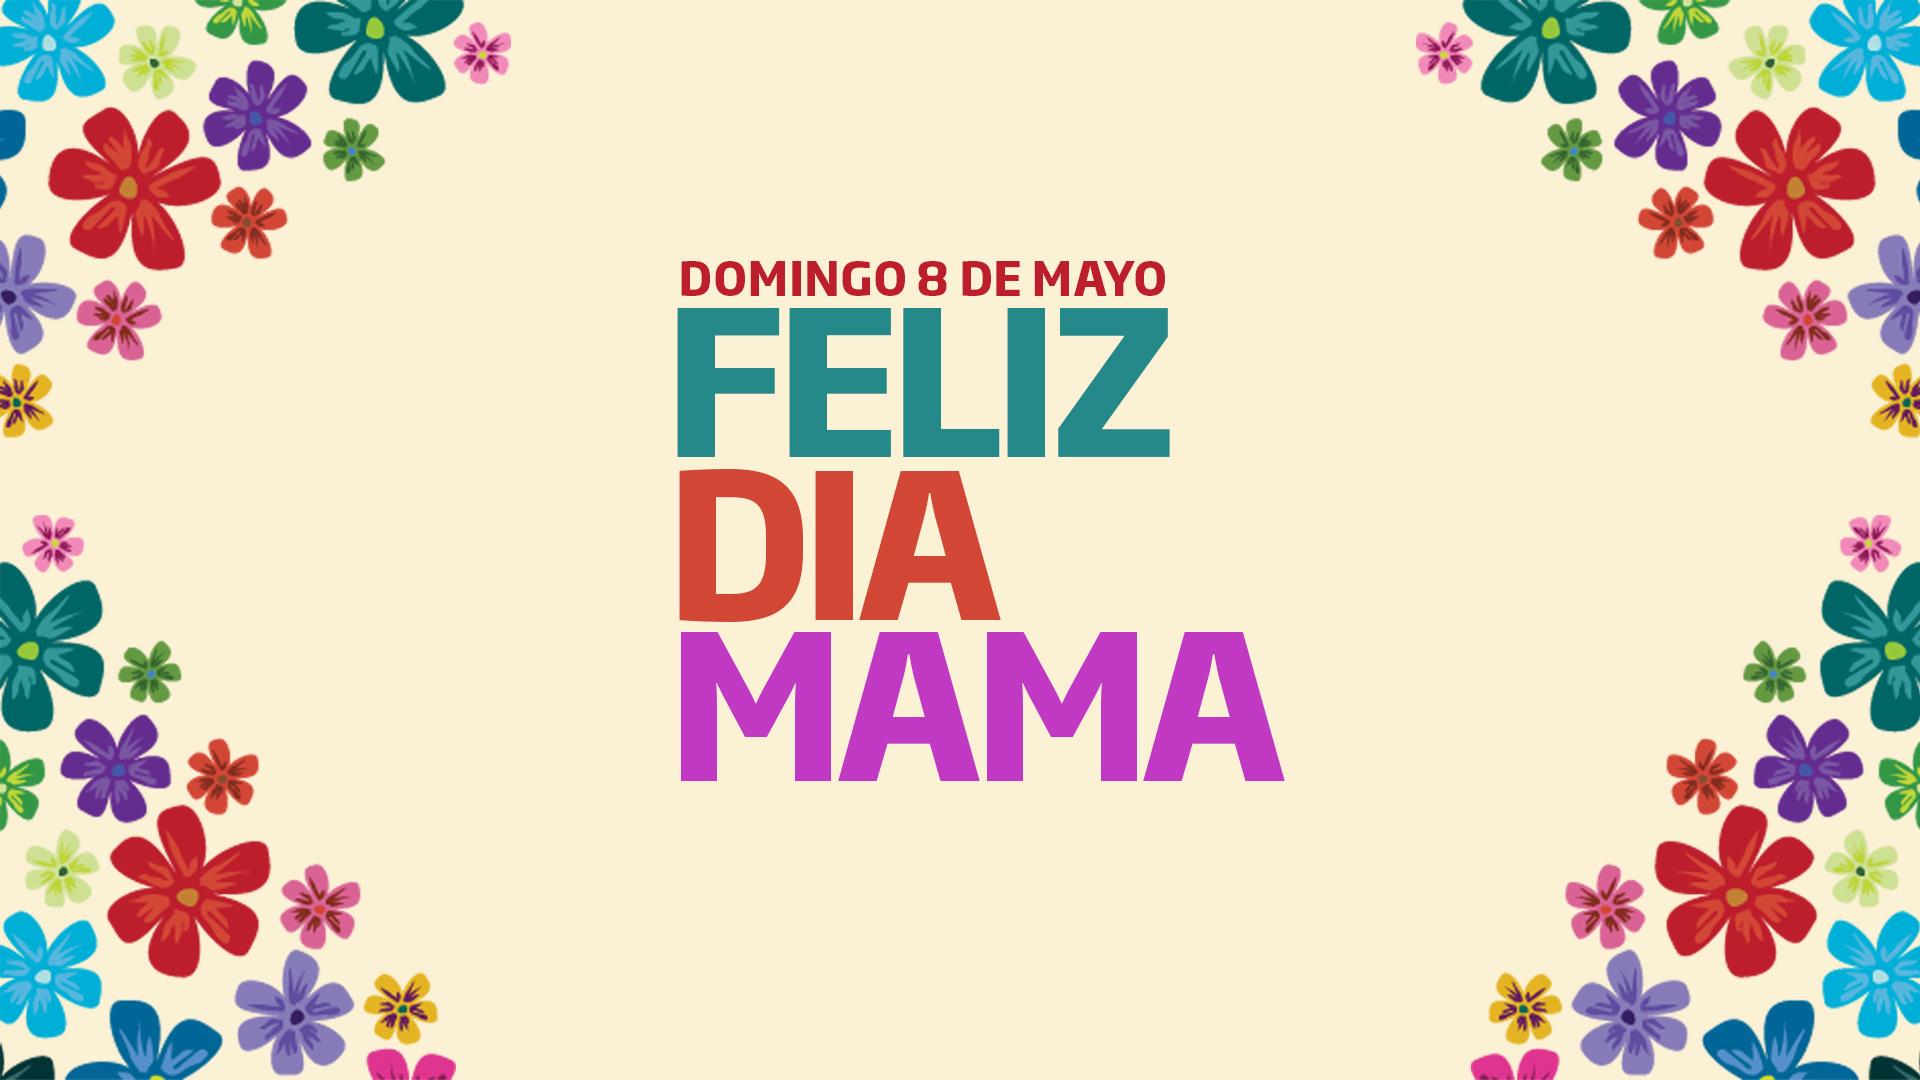 Wallpaper Dia De Las Madres Im 225 Genes D 237 A De La: Imagenes Alusivo Al Dia De Mama Dia De La Mam 225 Noticias